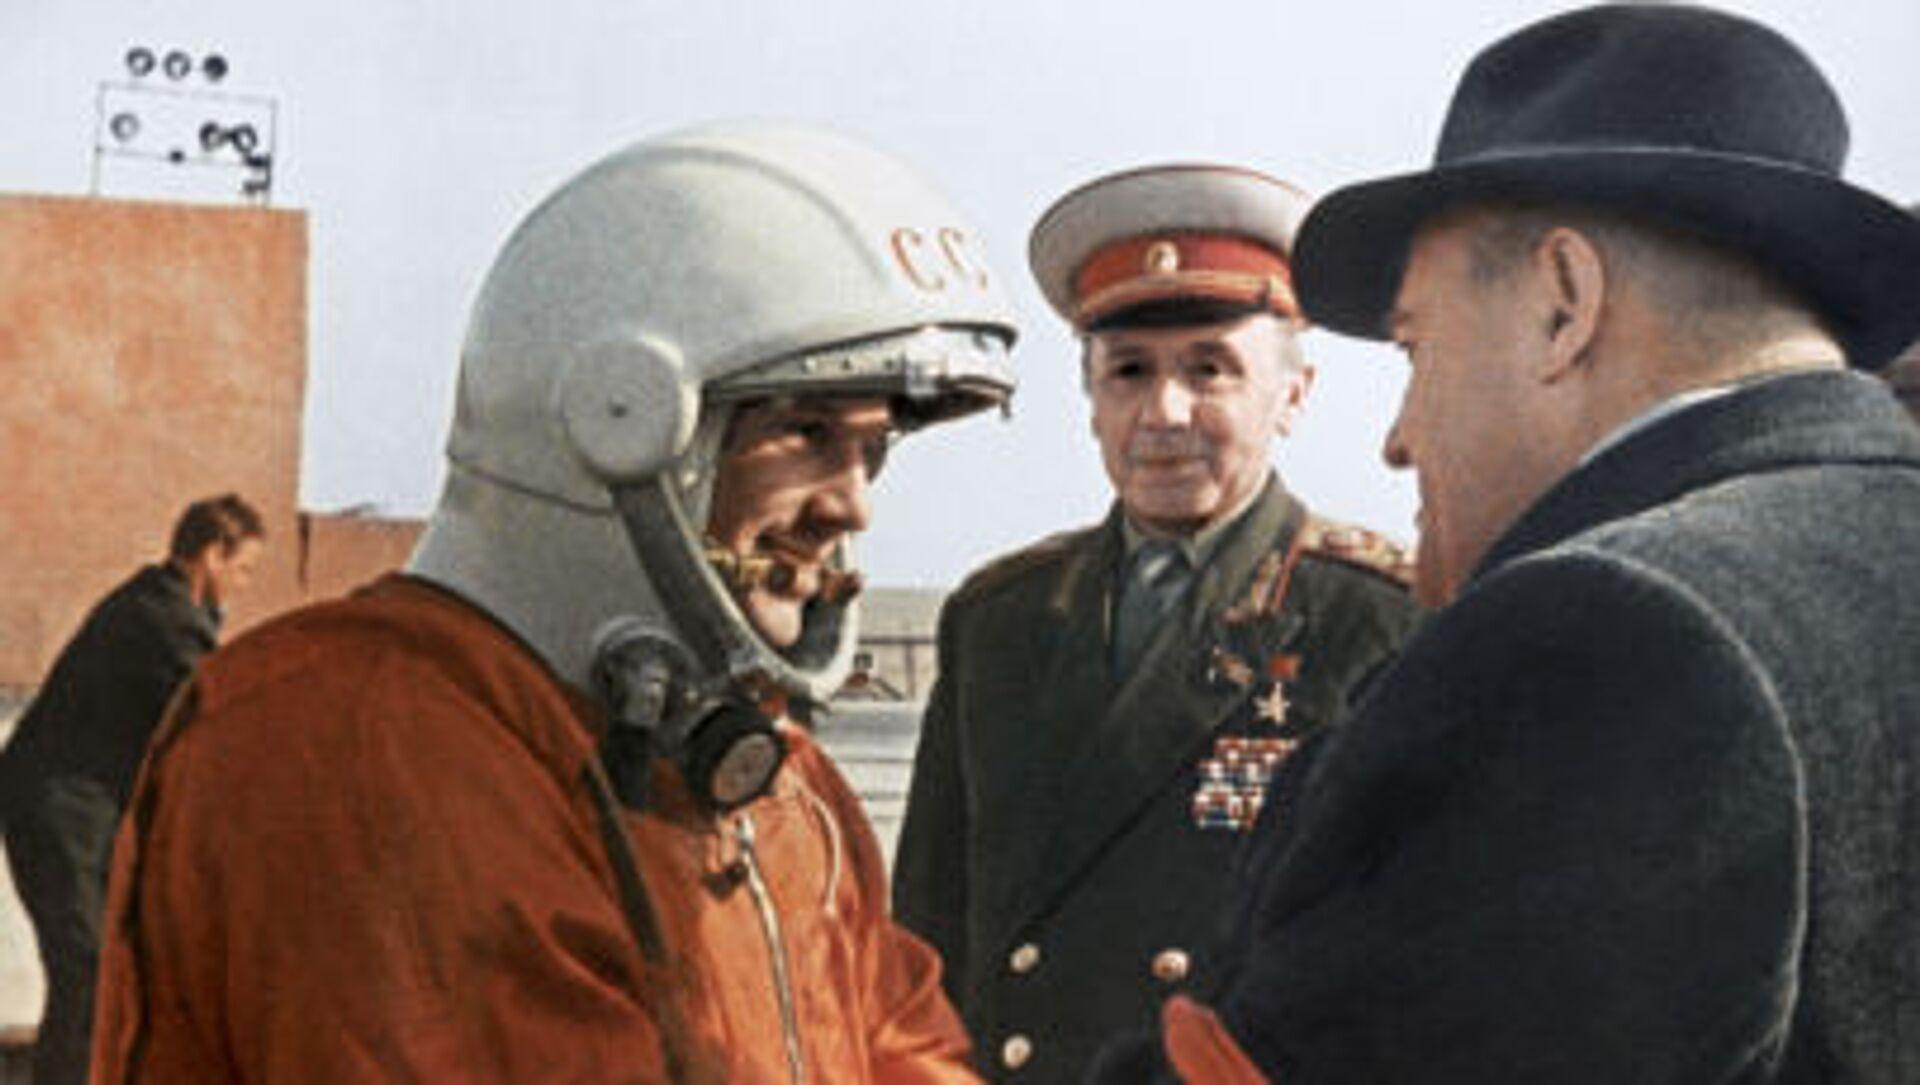 Poté, co dostal ponaučení od hlavního konstruktéra Sergeje Koroljova, Gagarin ve výtahu vystoupal ke kosmické lodi, která se nacházela na samém vrcholu téměř 39 metrového raketového nosiče Vostok - Sputnik Česká republika, 1920, 12.04.2021